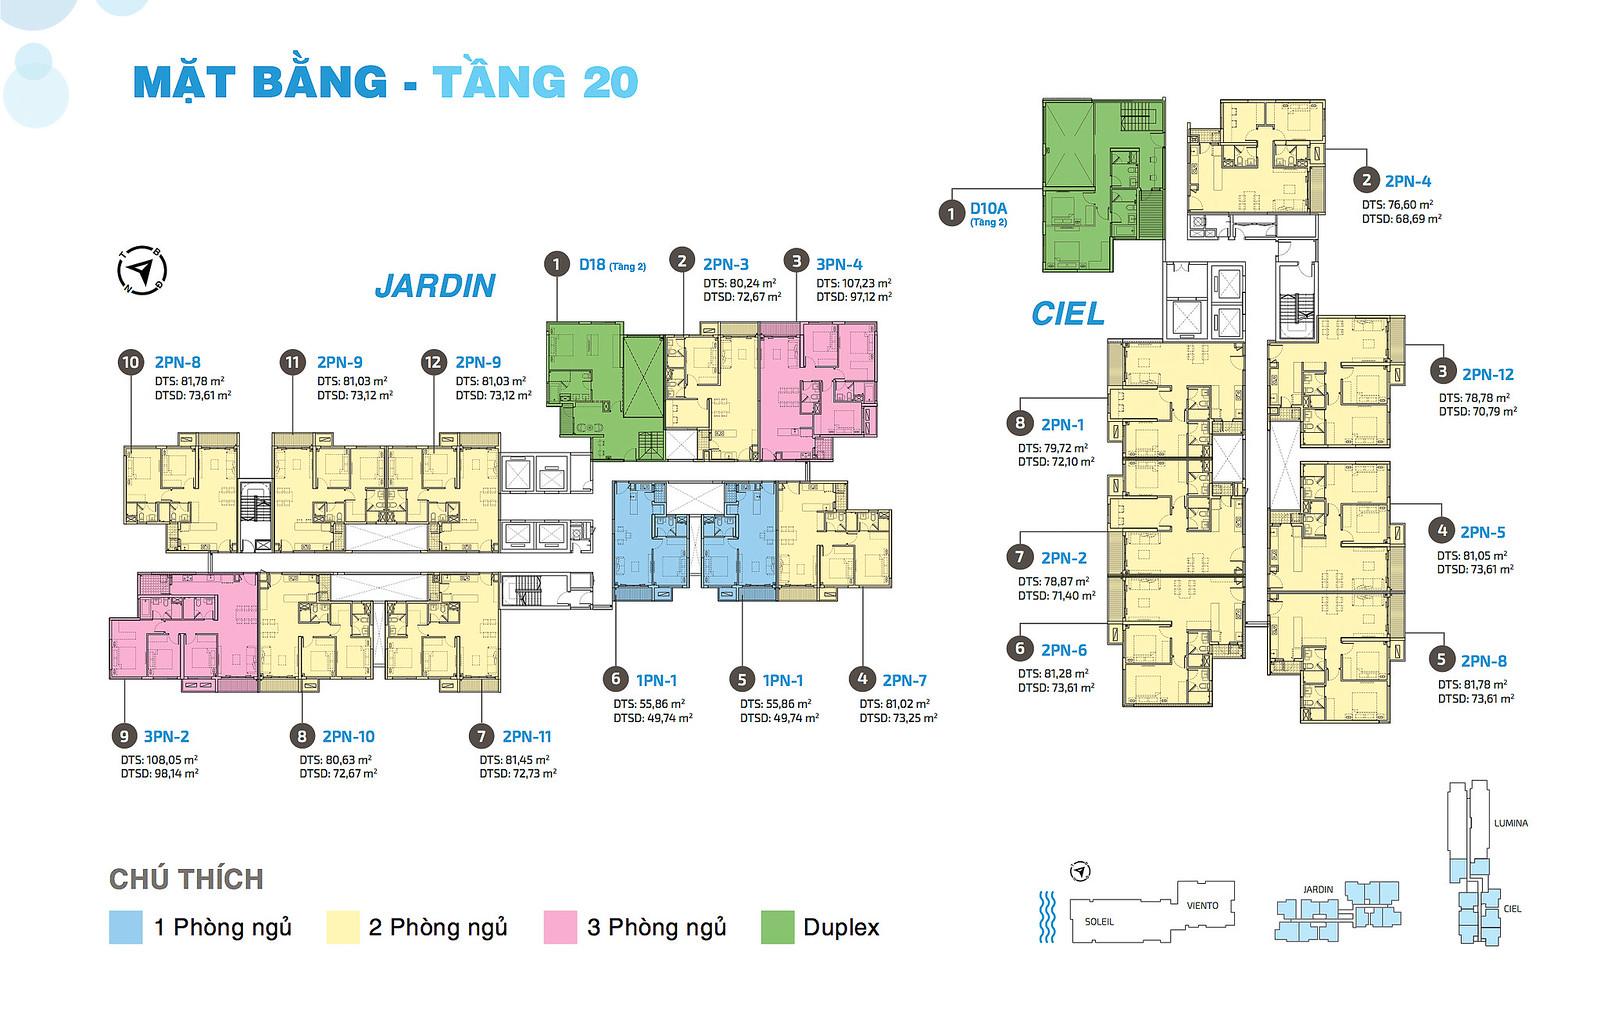 Mặt bằng tầng căn hộ One Verandah Quận 2 toà tháp Jardin và Ciel 4